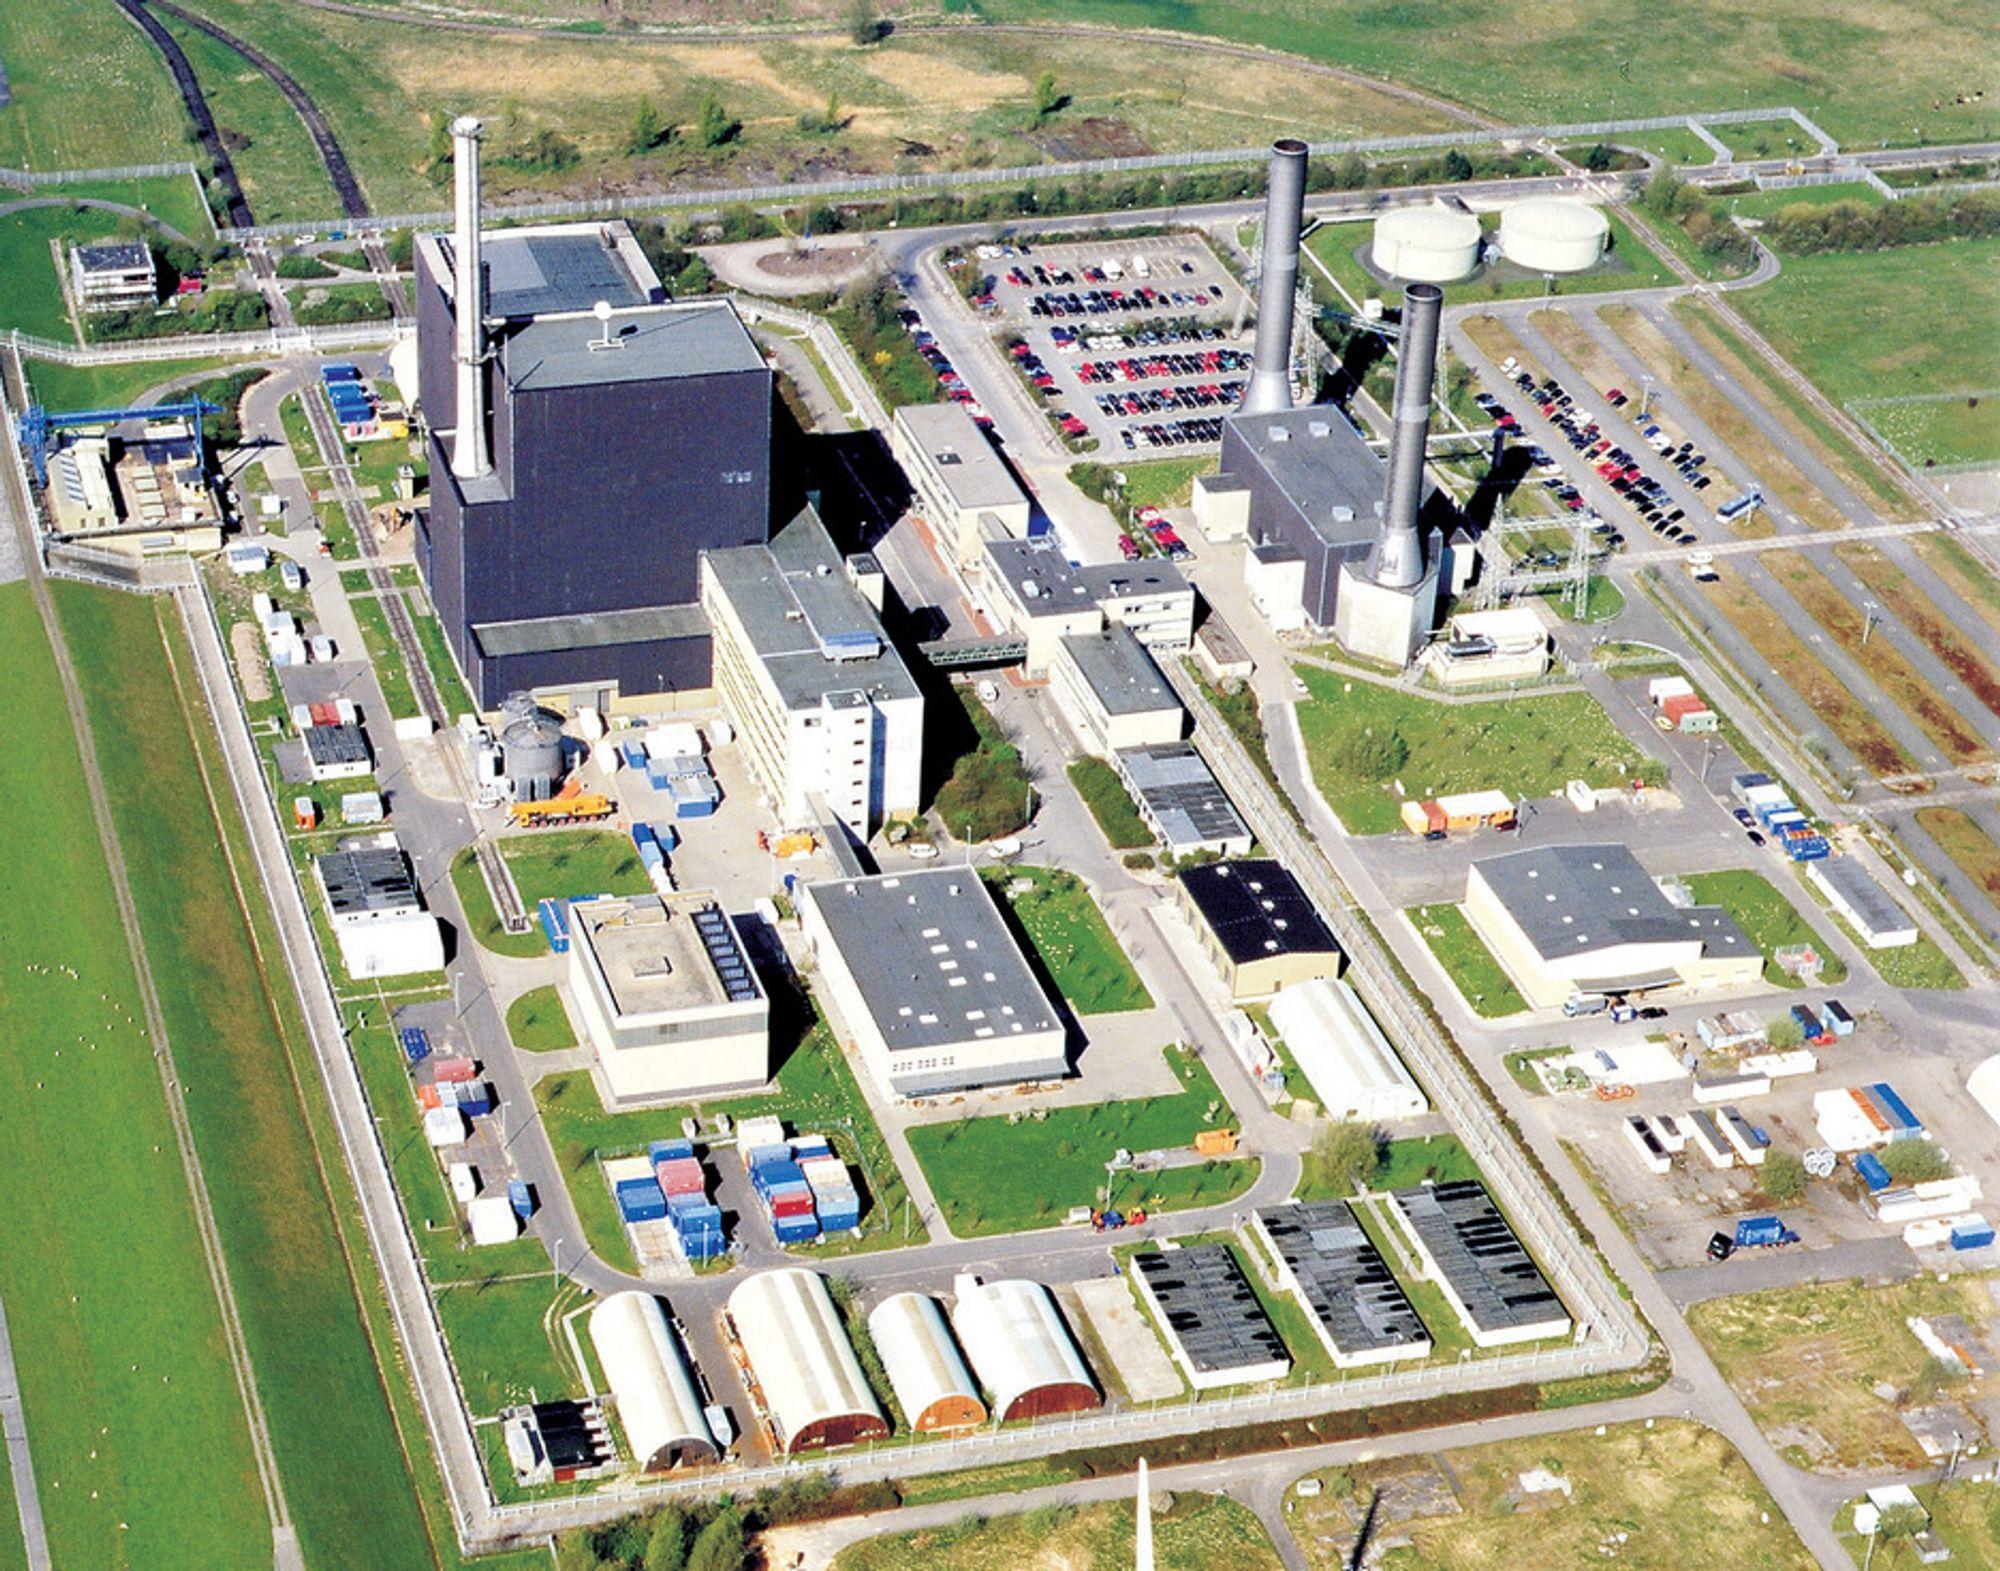 ALLEREDE STENGT: Vattenfalls tyske kjernekraftverk Brunsbüttel er blant dem som ikke får forlenget levetid. Kraftverket er uansett stengt på grunn av driftsproblemer. Andre energiselskaper vurderer å kreve erstatning av staten fordi kraftverkene ikke kan sies å være farligere nå enn før atomulykken i Japan.